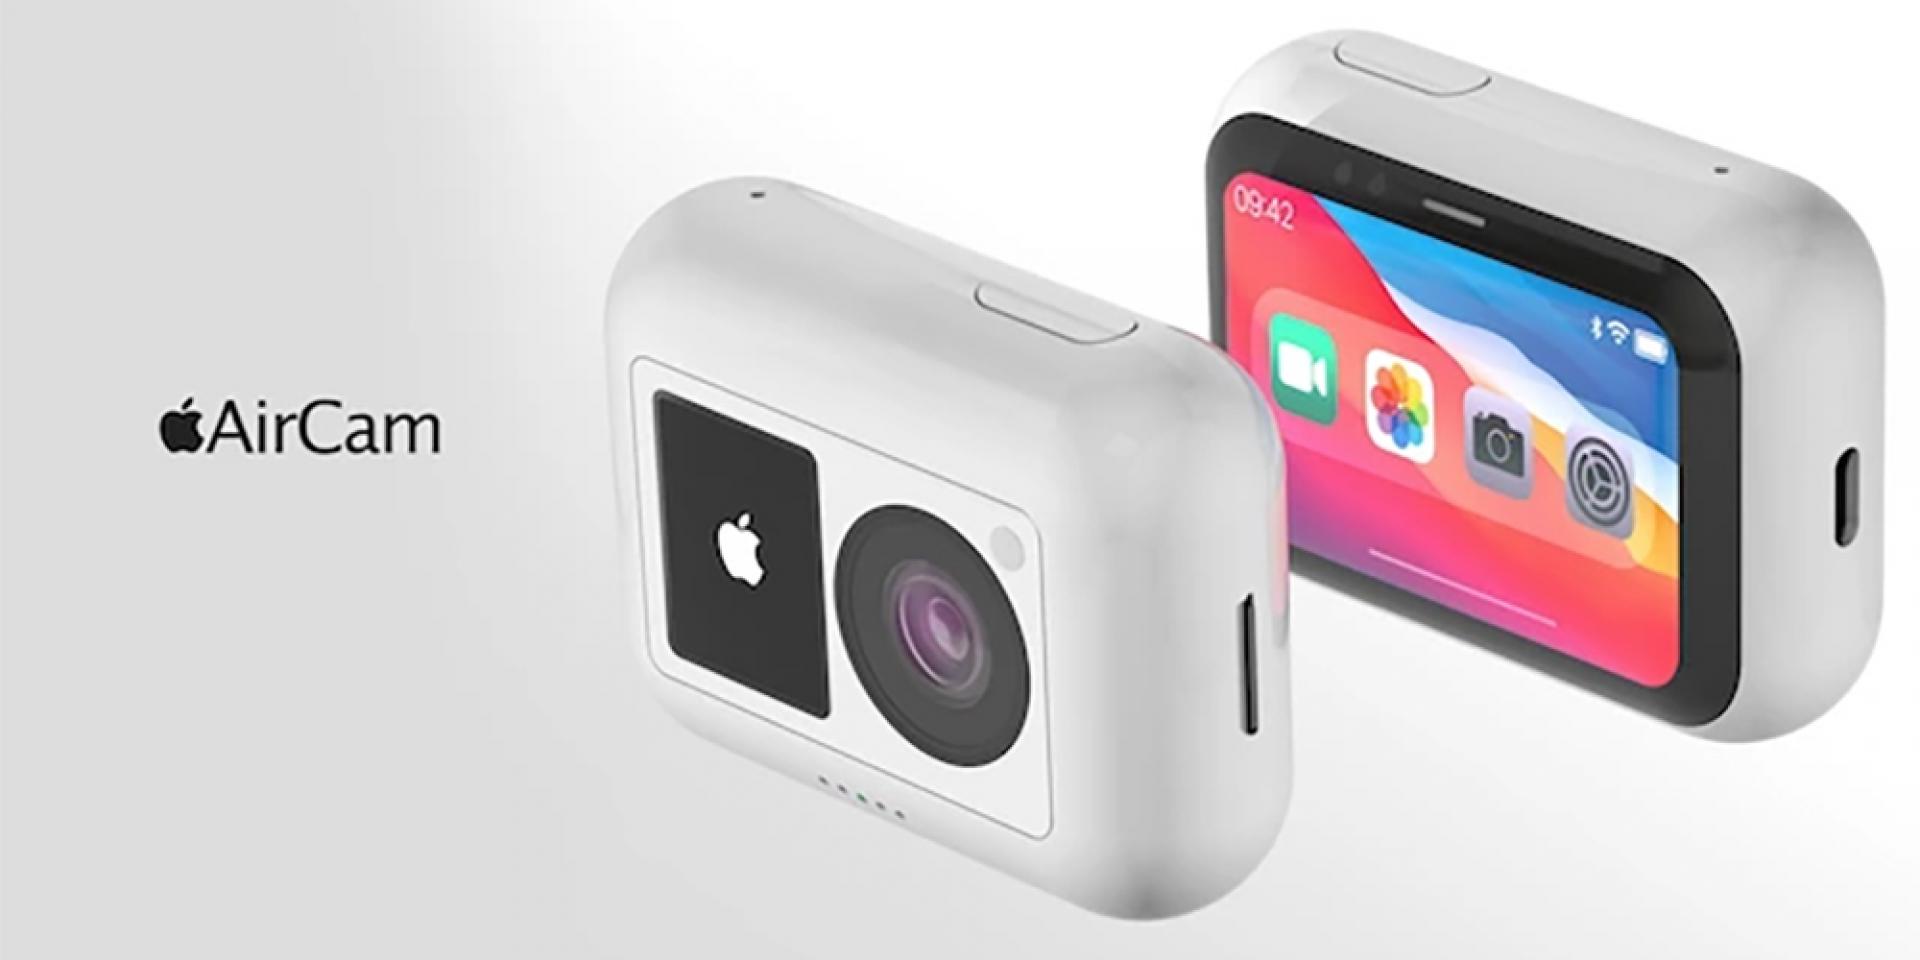 搶攻運動攝影市場?APPLE AirCam運動相機概念渲染圖現身!